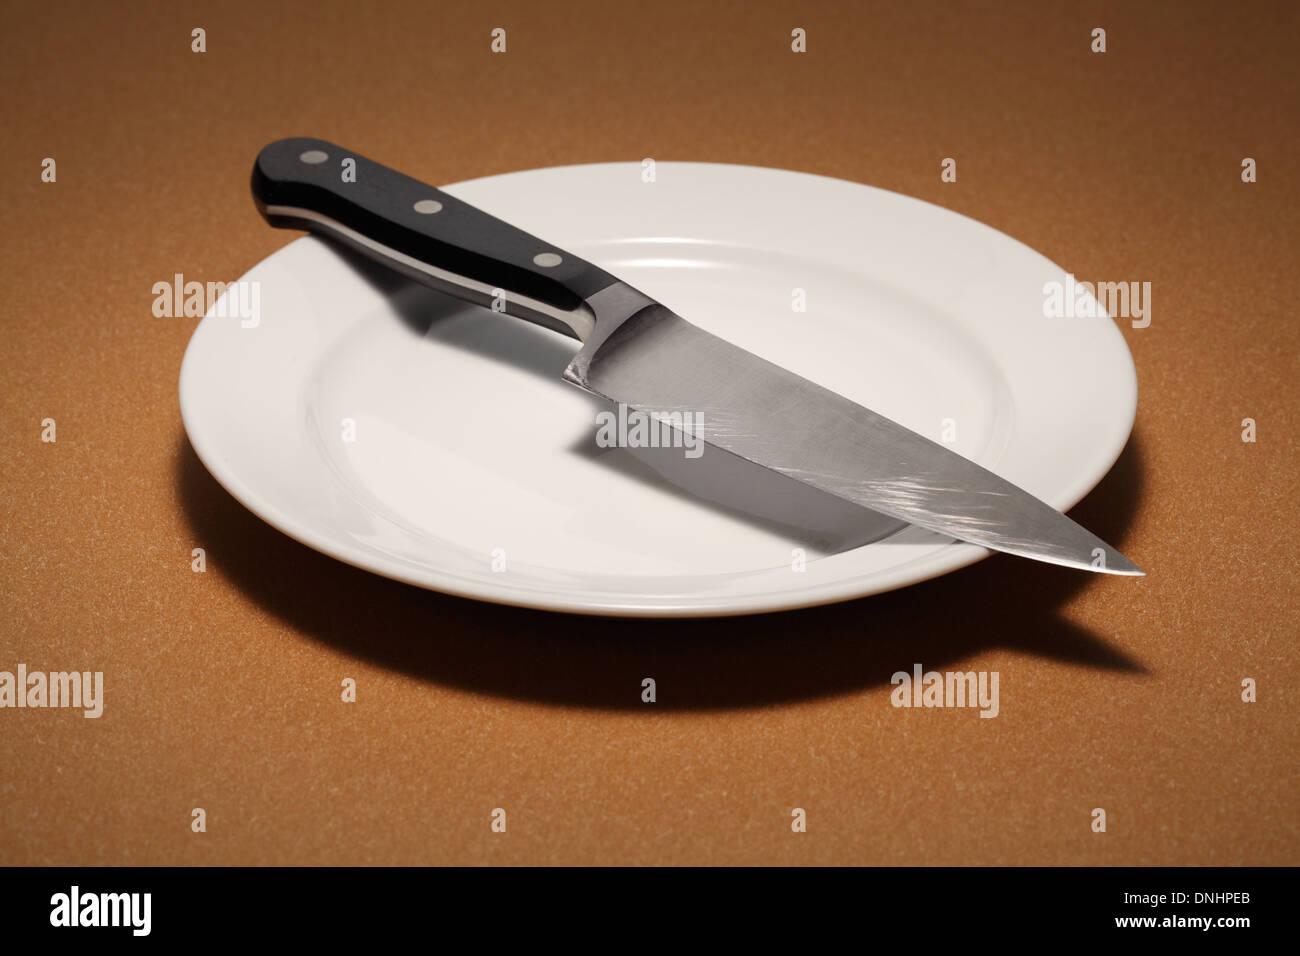 Un grand couteau de chef de cuisine sur une plaque manger blanche vide. Photo Stock